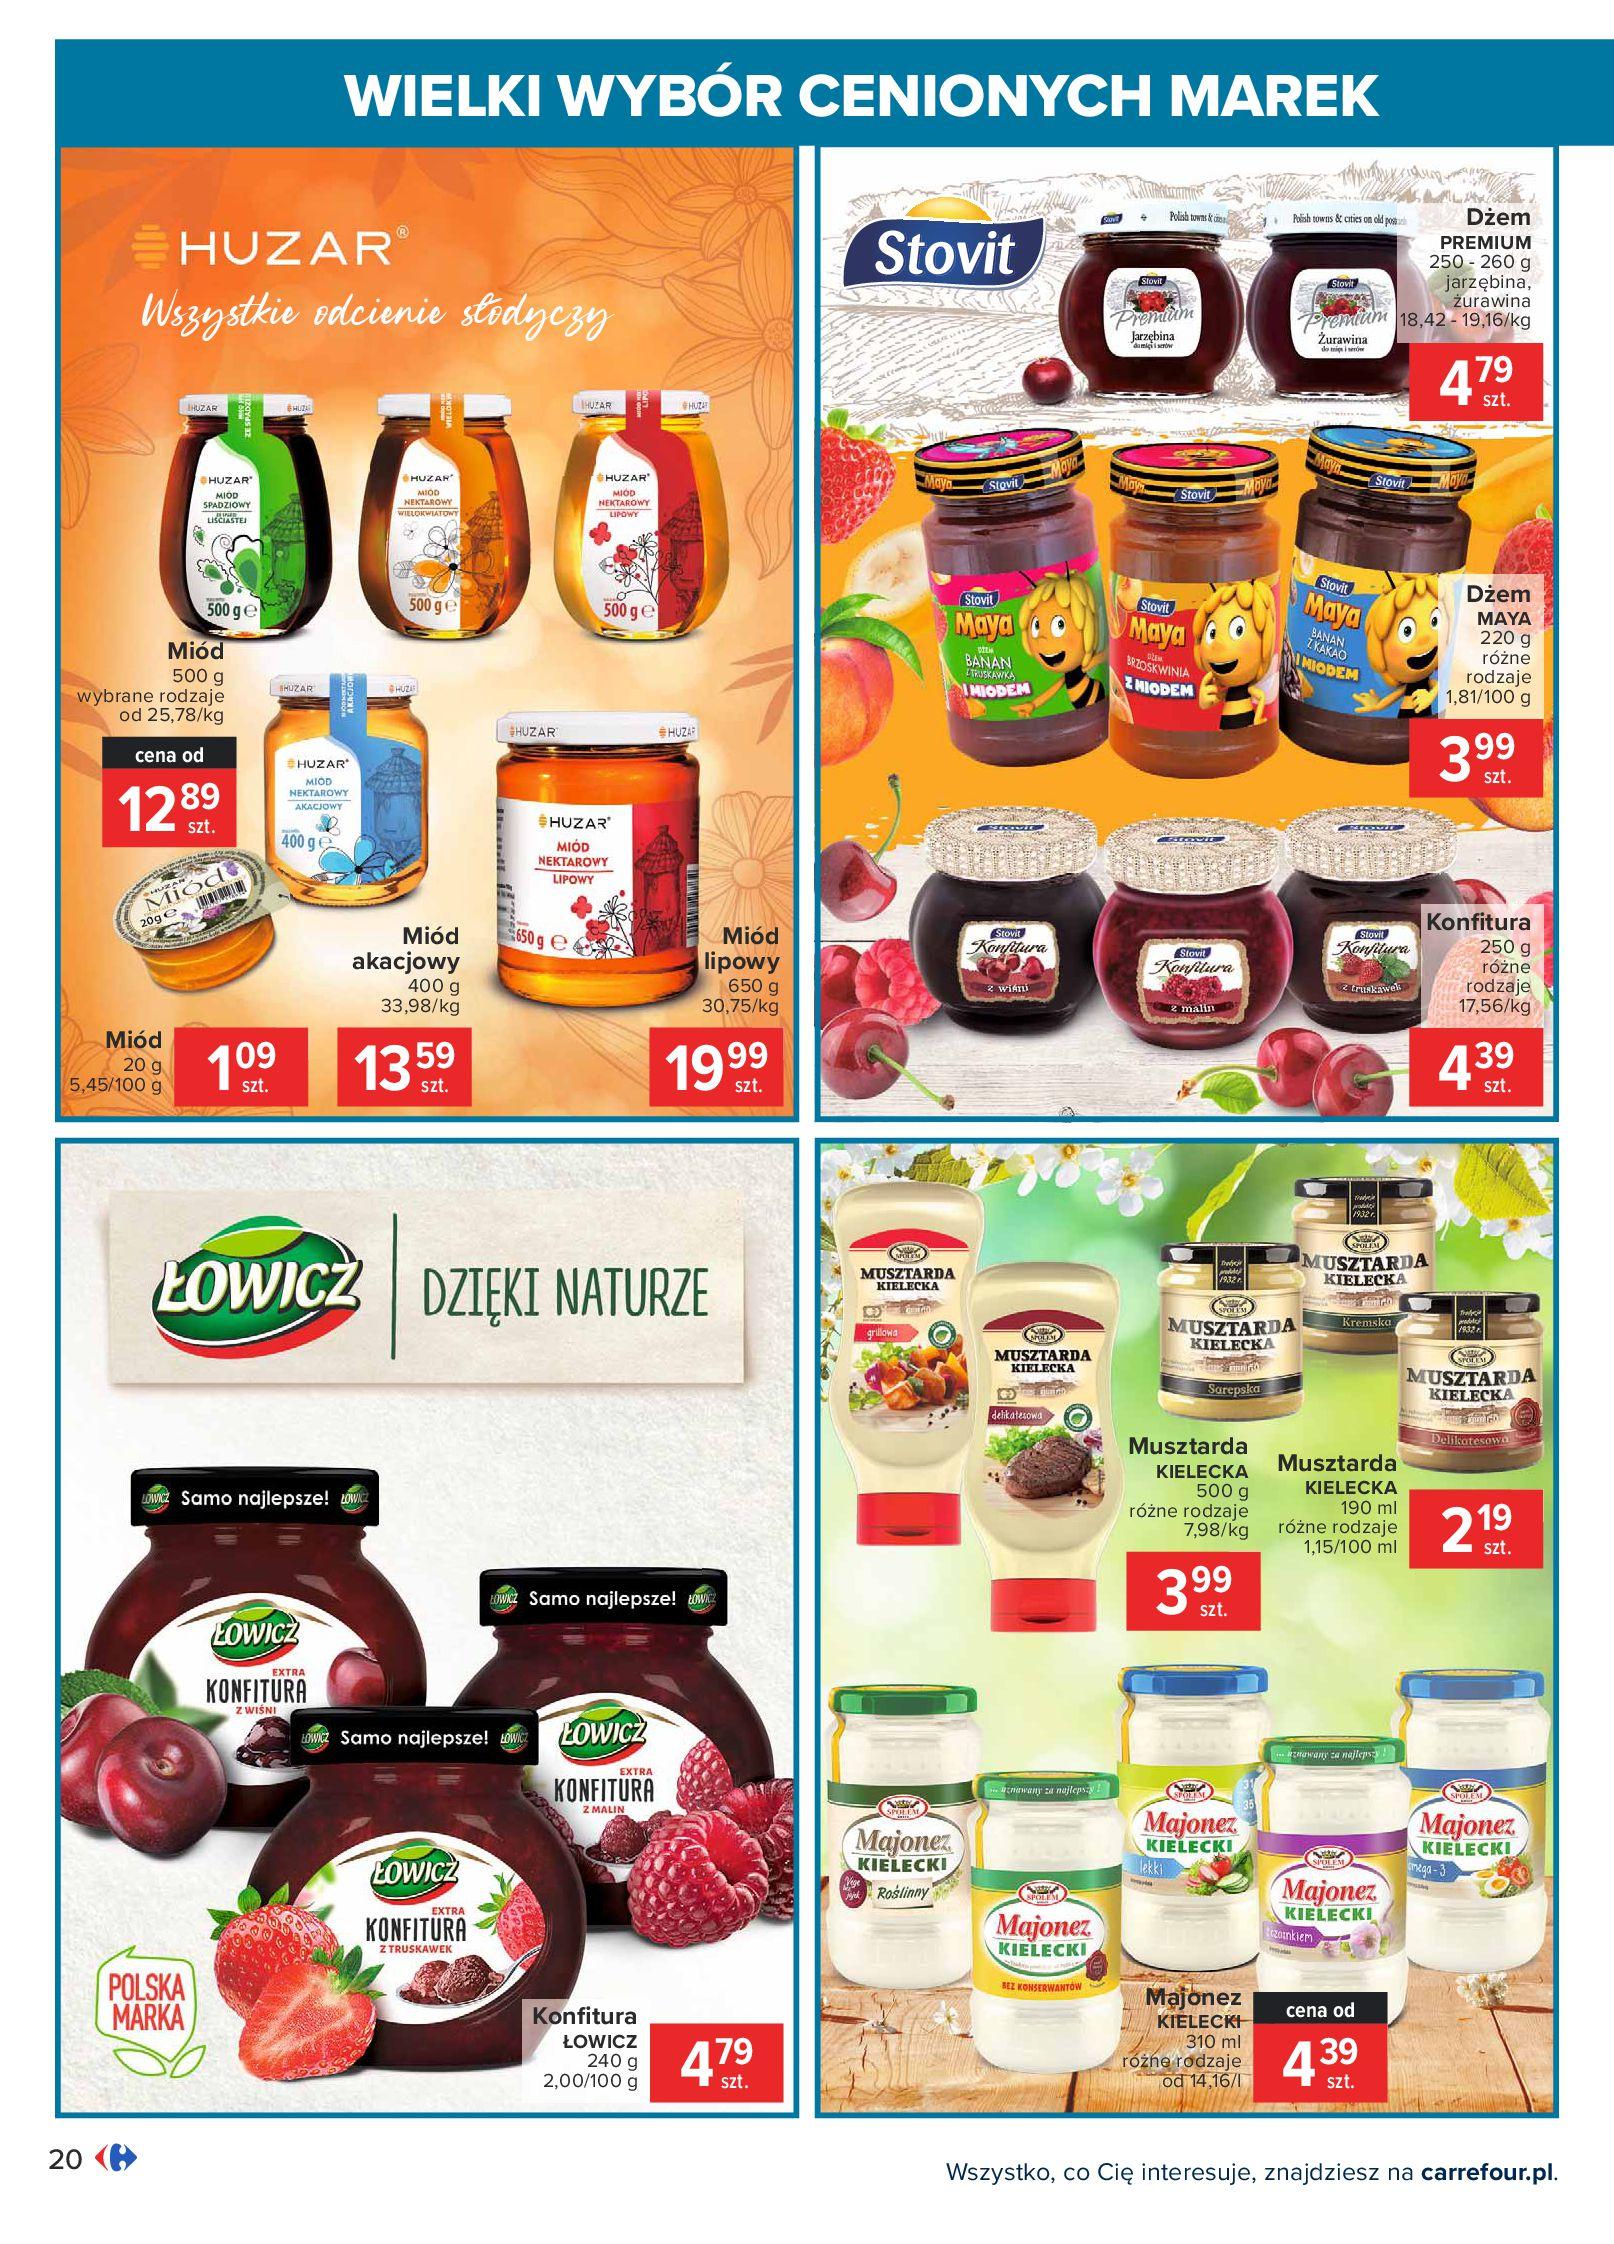 Gazetka Carrefour: Wielki wybór cenionych marek 2021-05-04 page-20